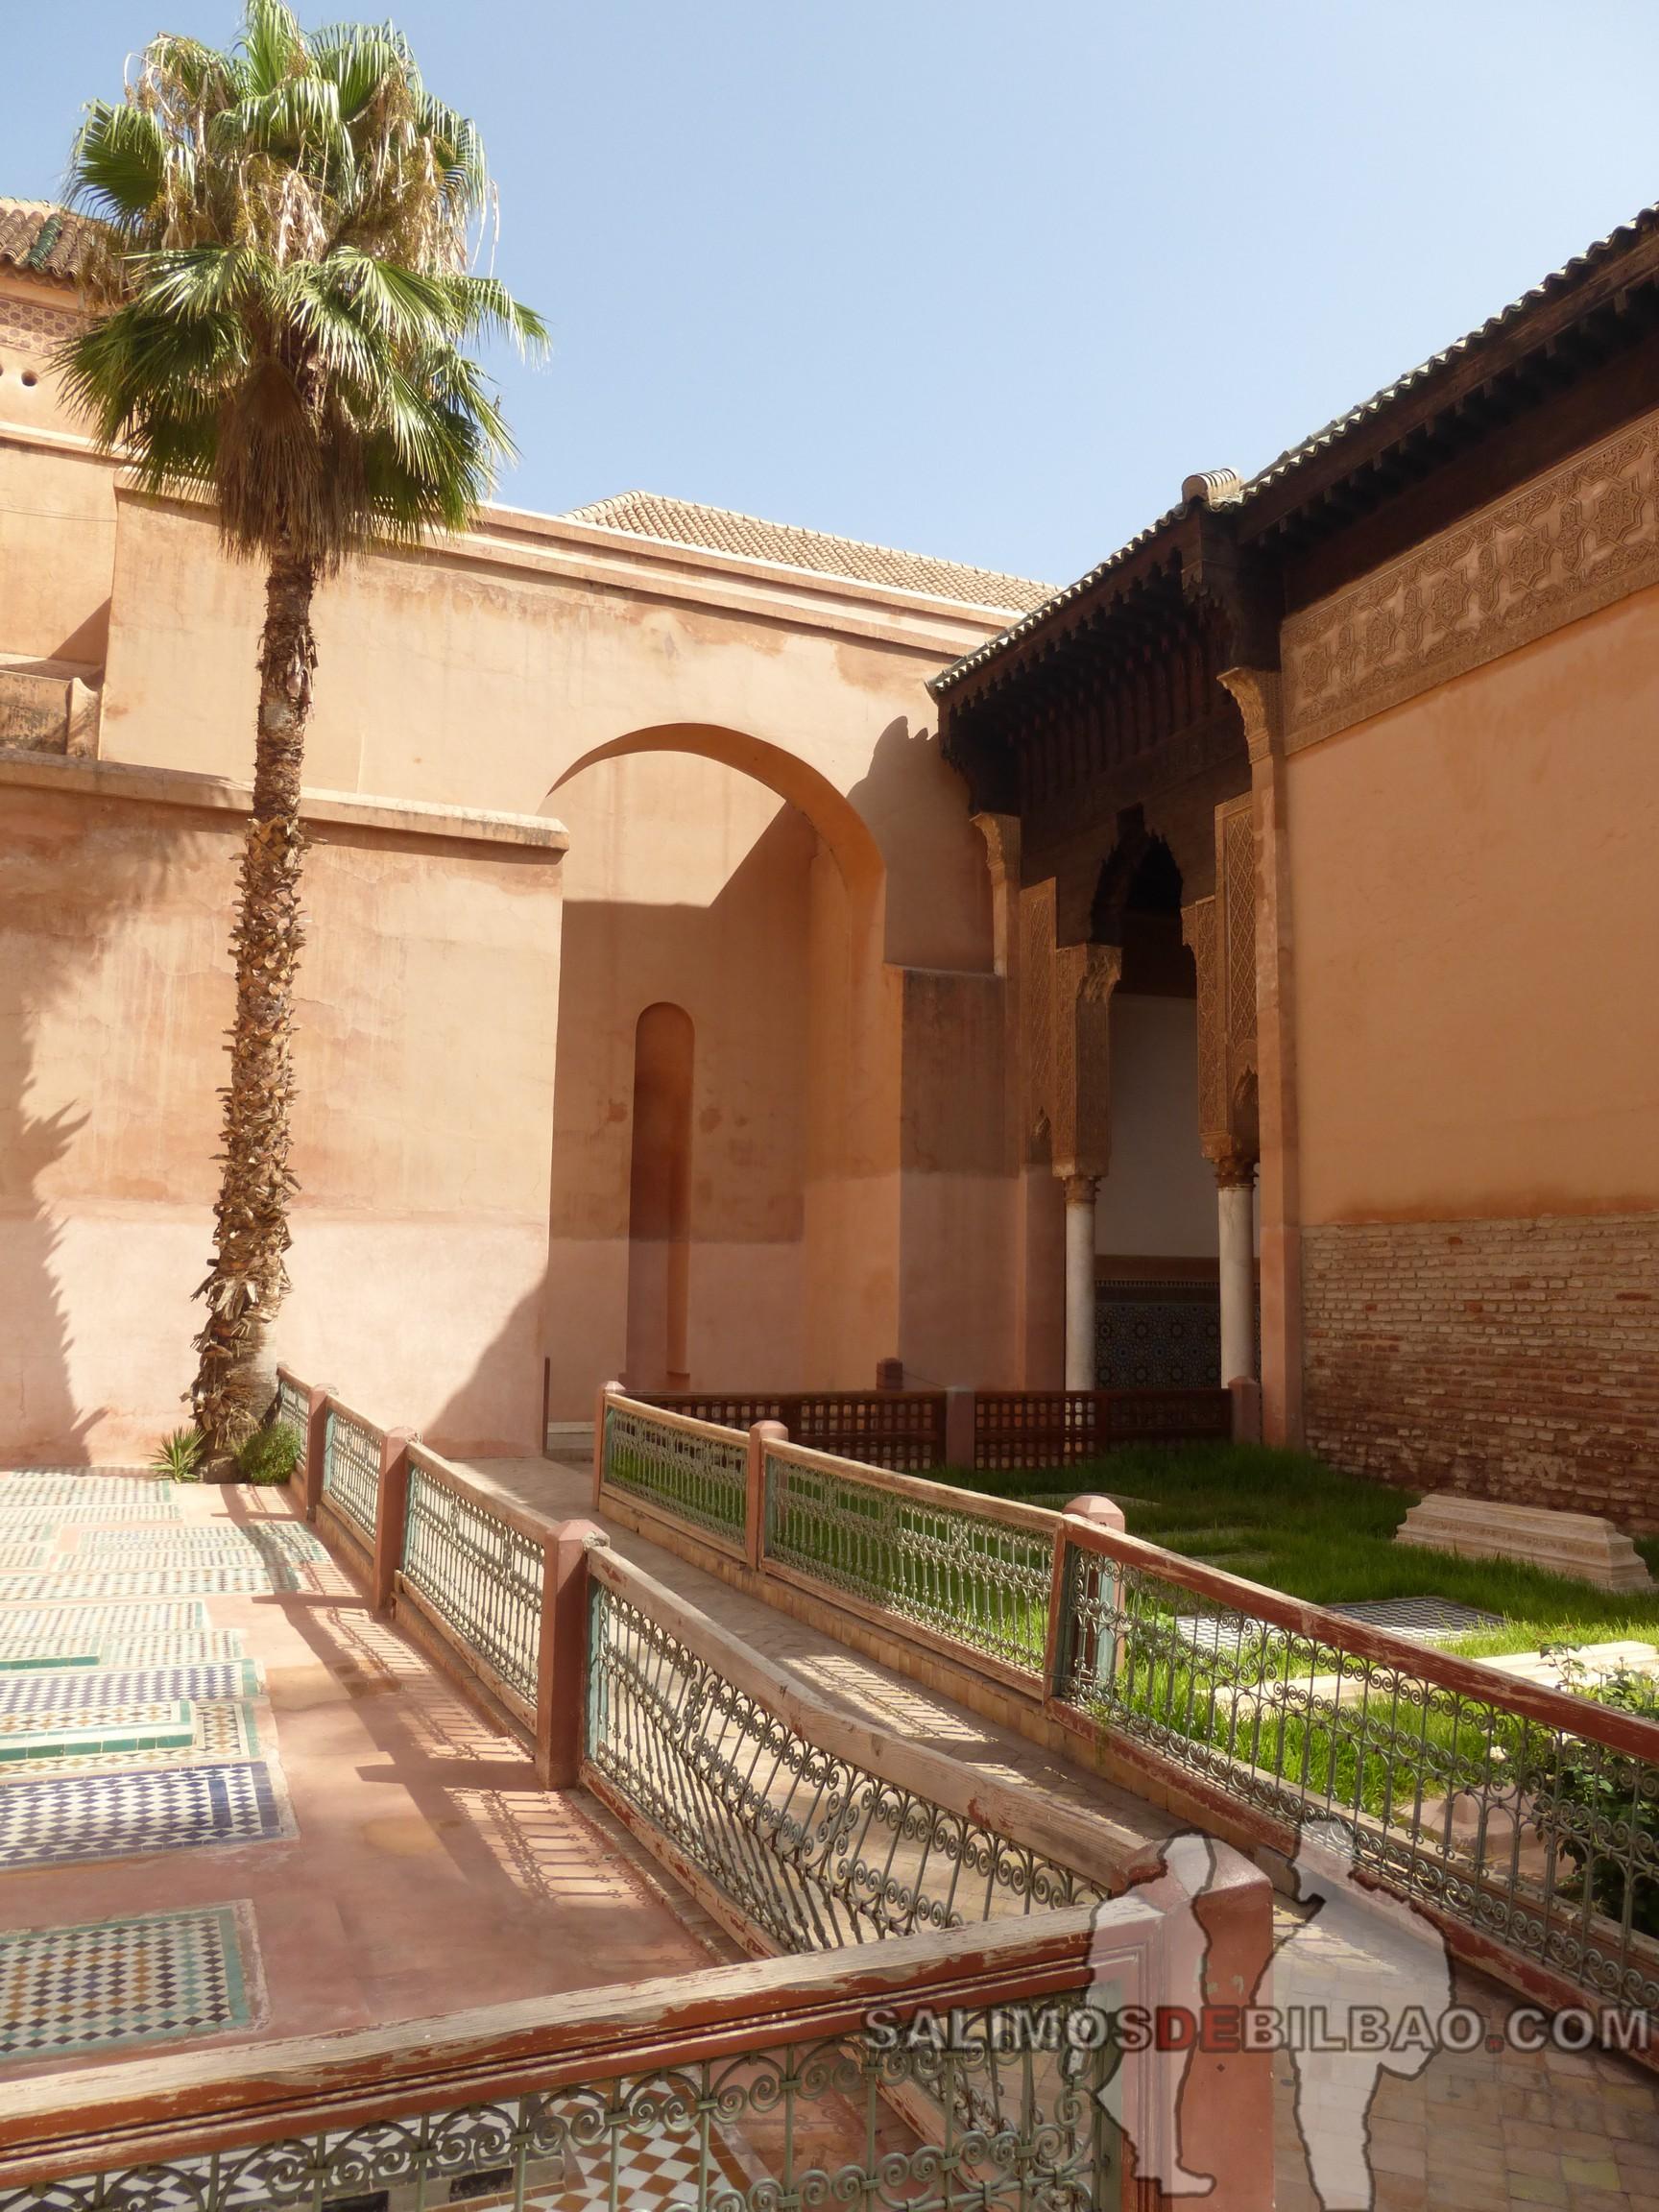 715. Tumbas saadíes, Marrakech